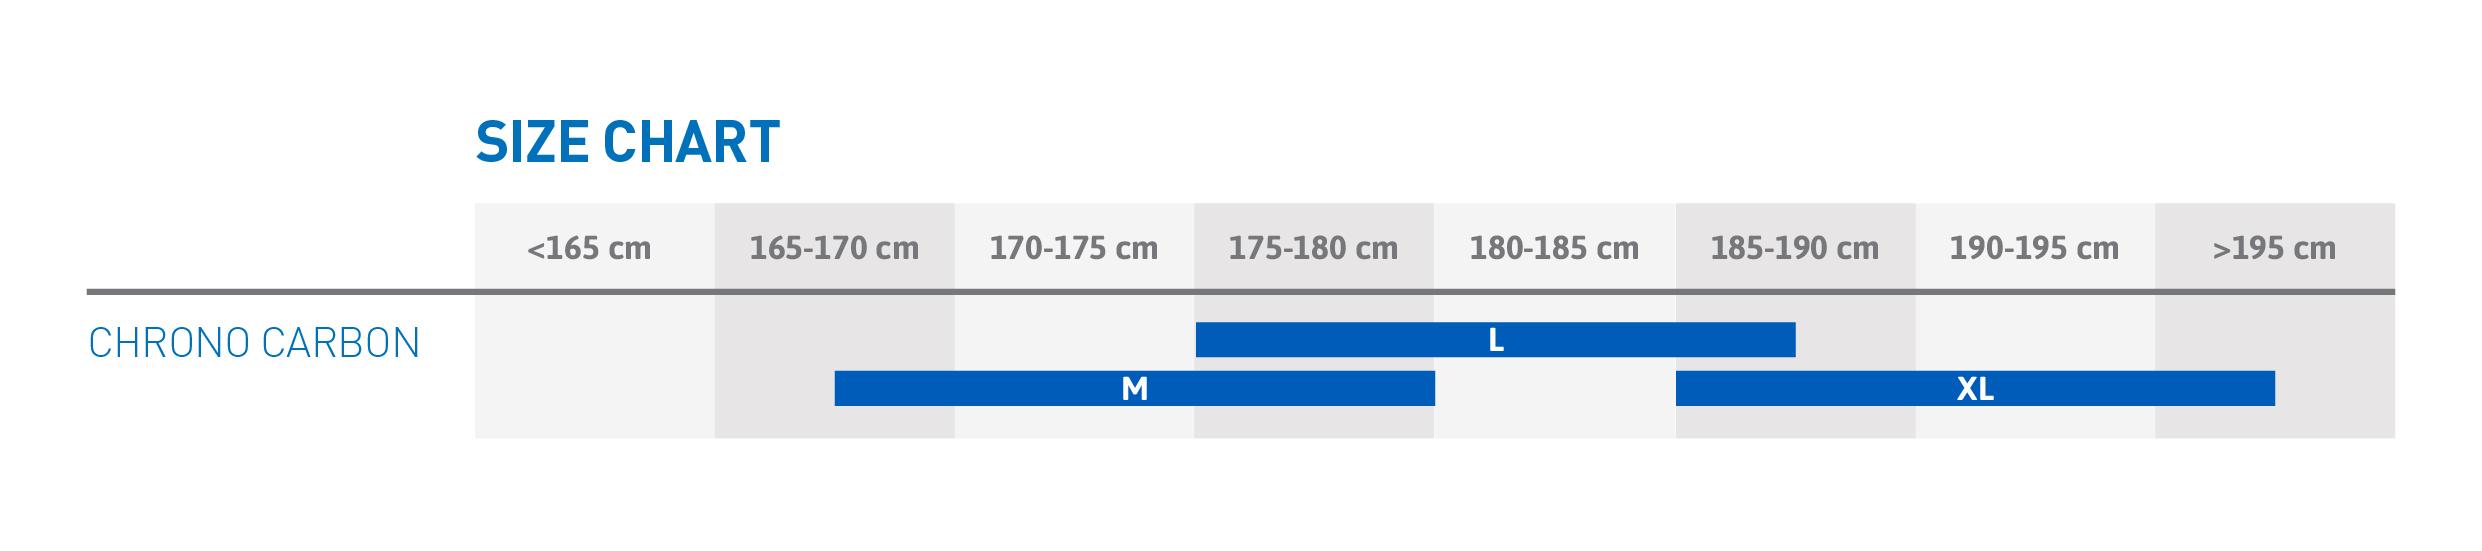 Veľkostná tabuľka - Mondraker CHRONO